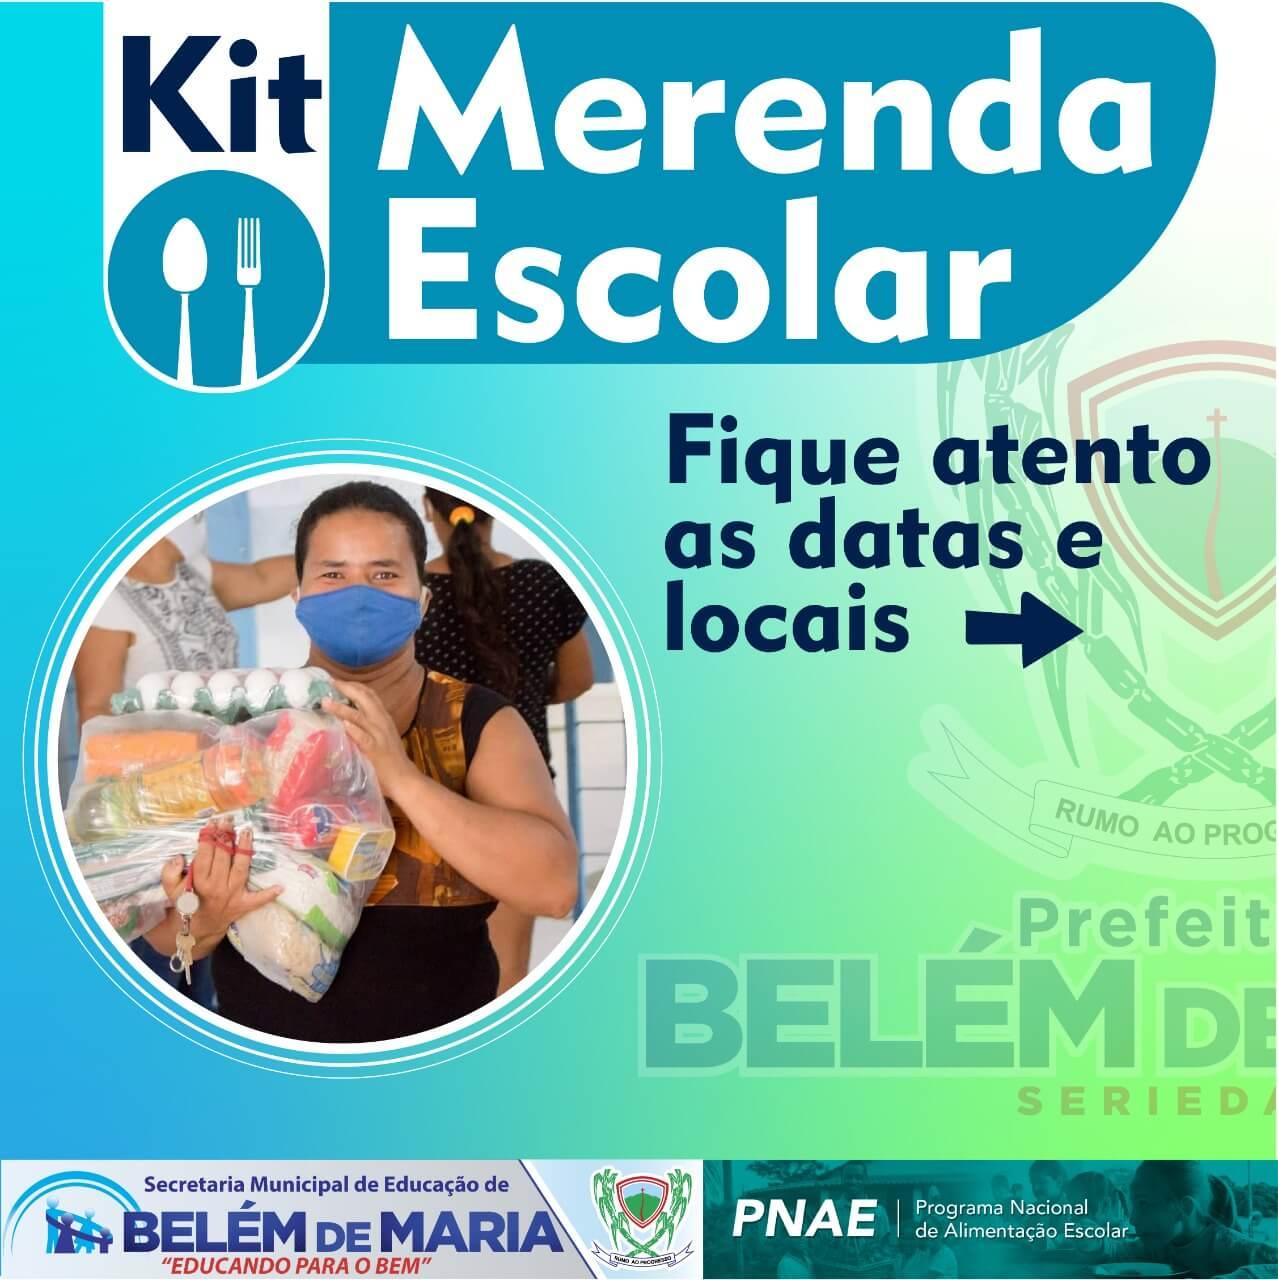 O Município de Belém de Maria realizou a Quarta Distribuição de Kits de Merenda Escolar as famílias dos estudantes matriculados na Rede Municipal de Ensino.